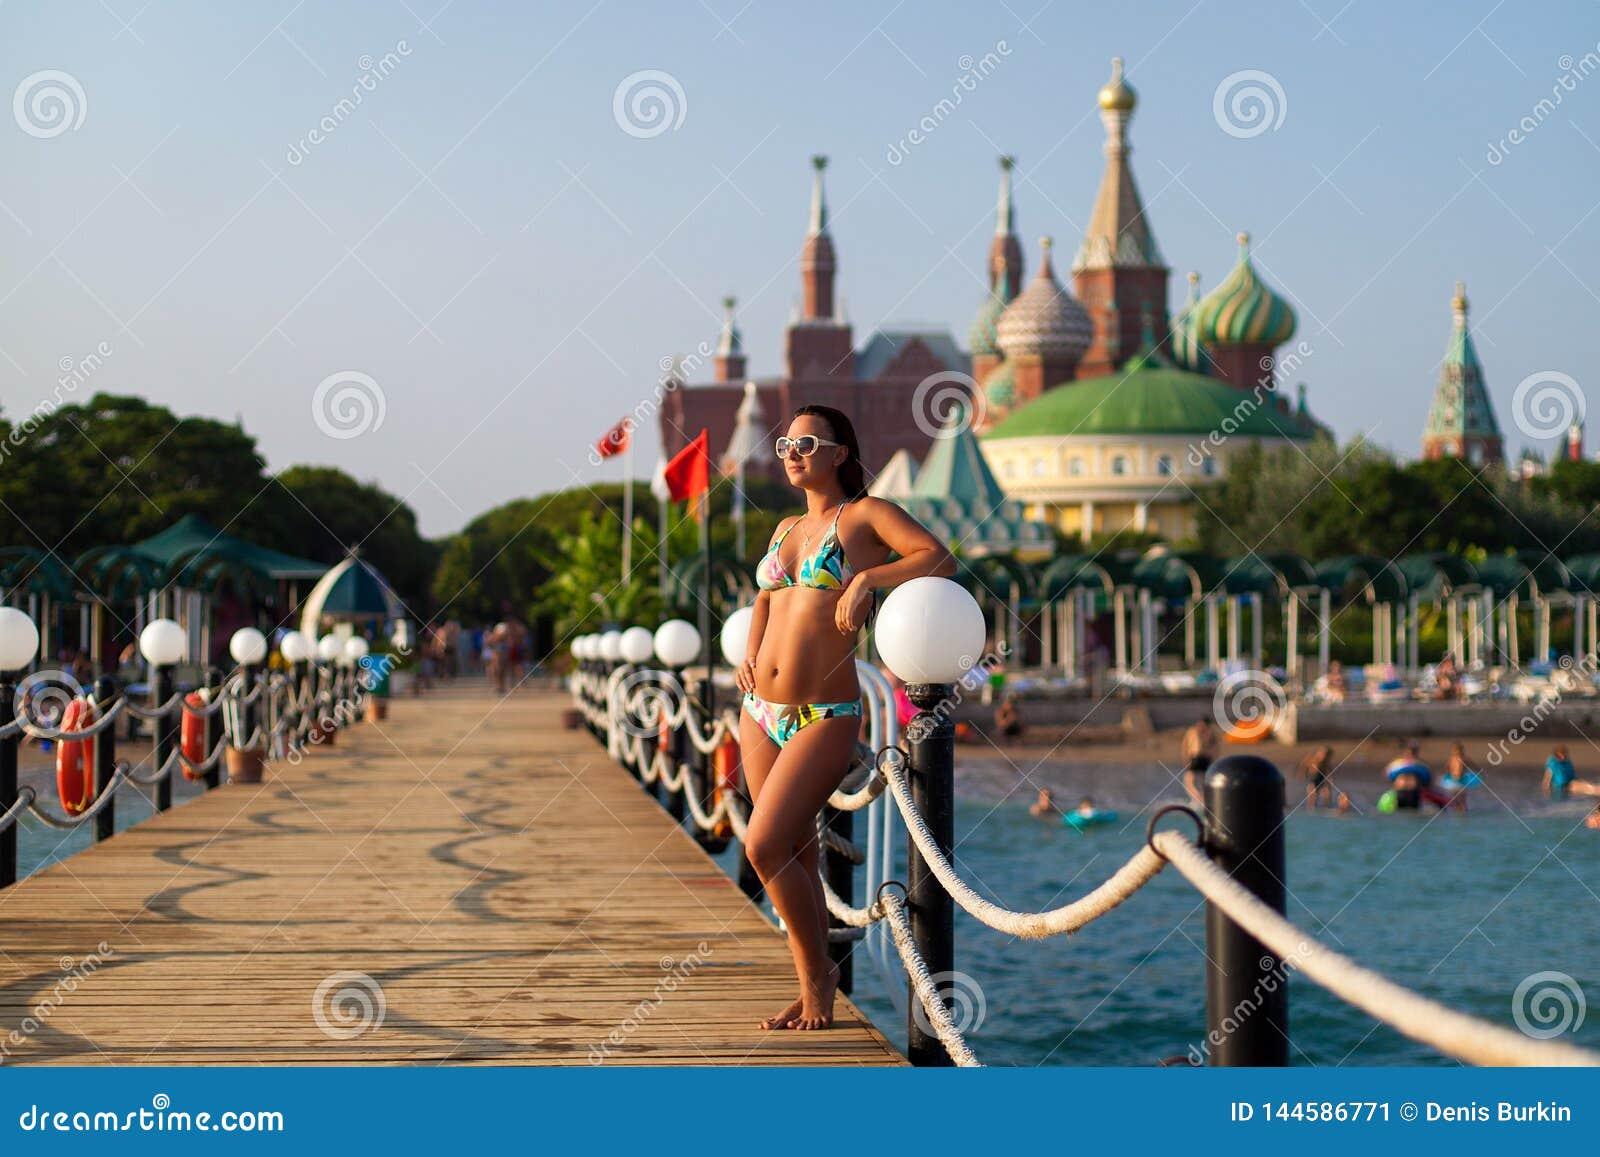 Девушка в купальнике на пристани на предпосылке гостиницы девушка представляя на деревянной пристани на пляже, против фона